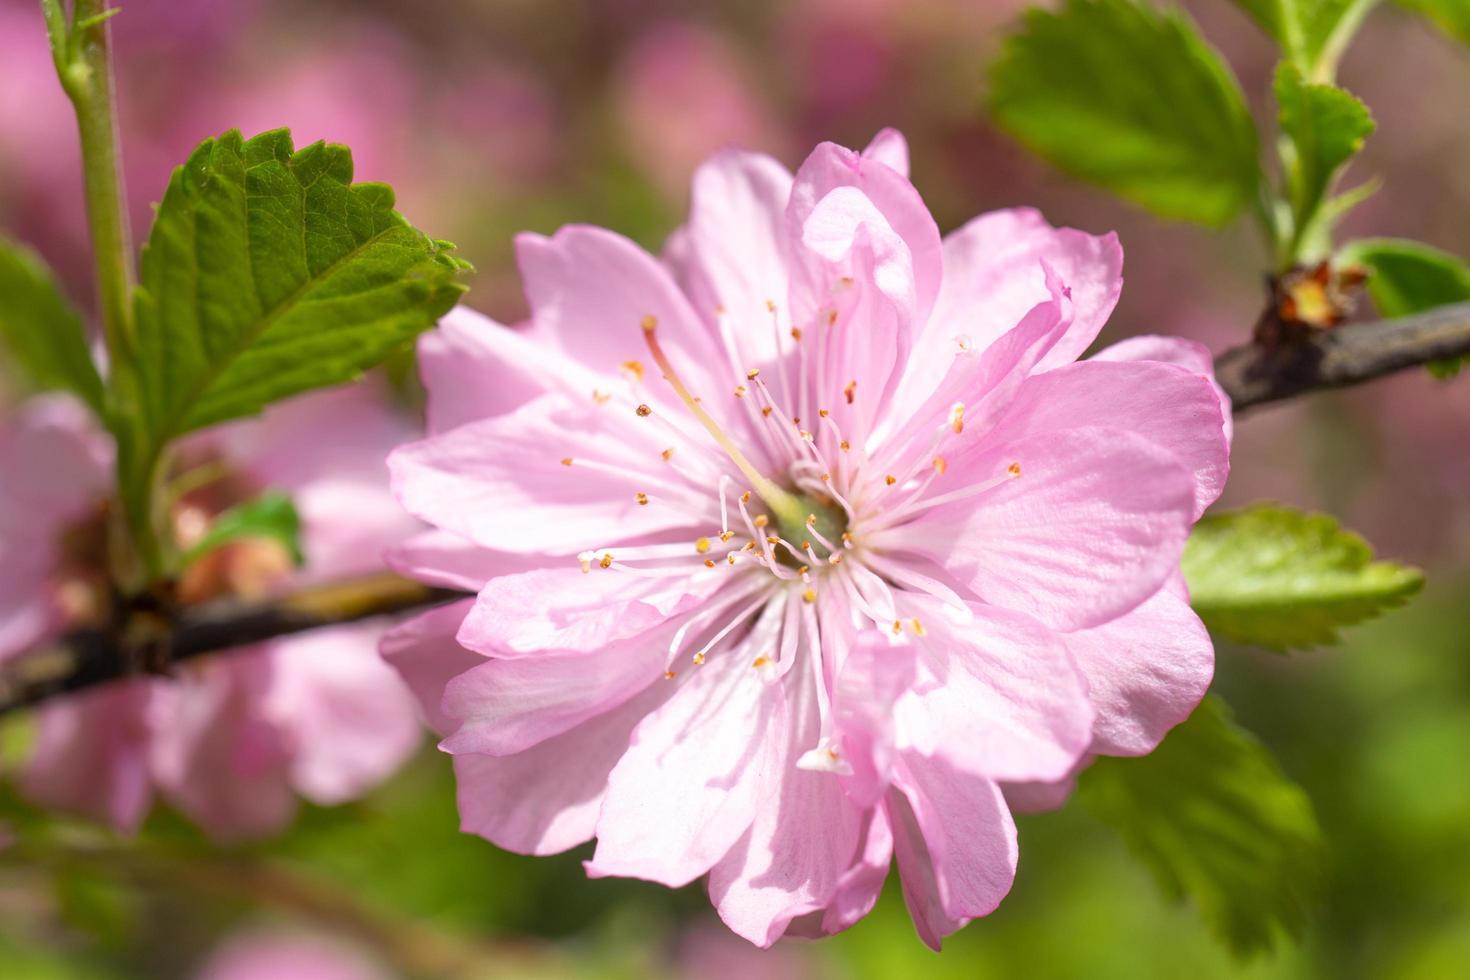 delicati fiori di ciliegio rosa su uno sfondo romantico sfocato. foto